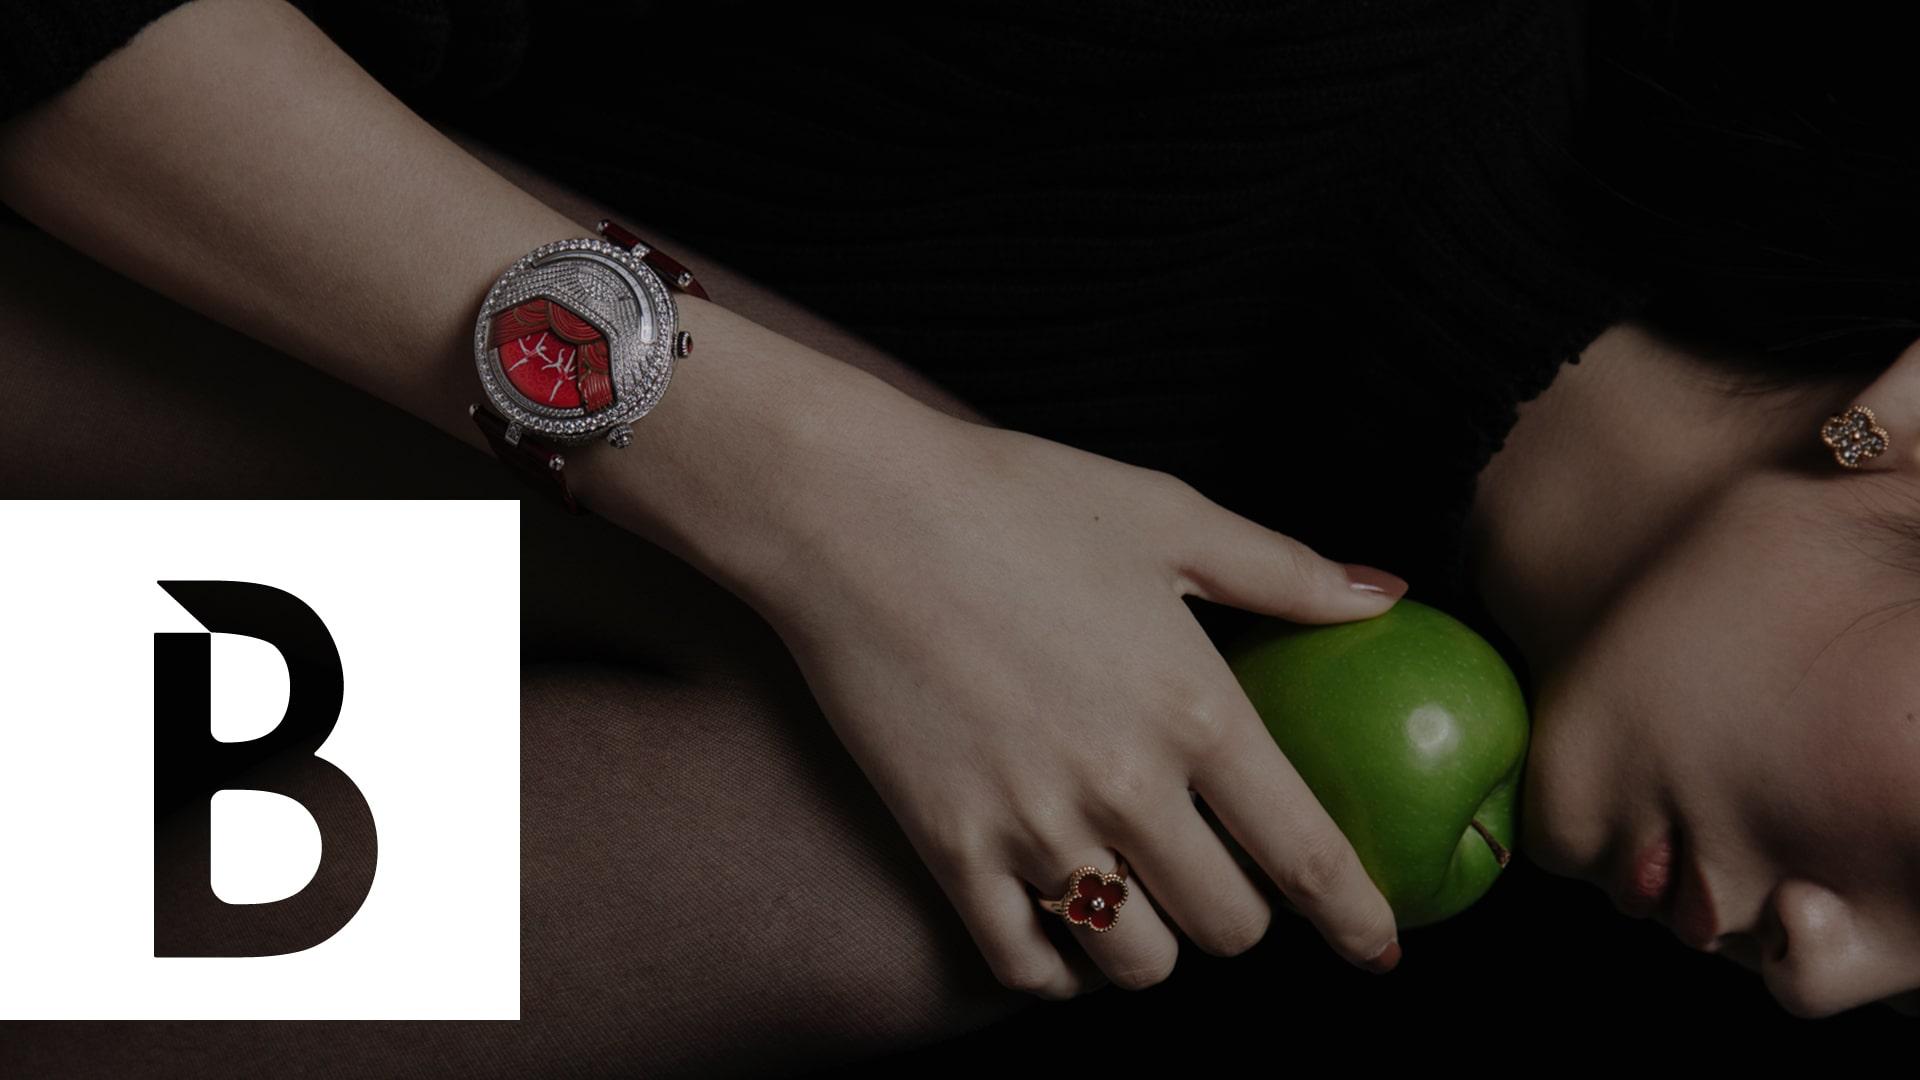 梵克雅寶不只四葉草經典,這三只腕錶不只能欣賞芭蕾舞劇,還能聆聽交響樂!